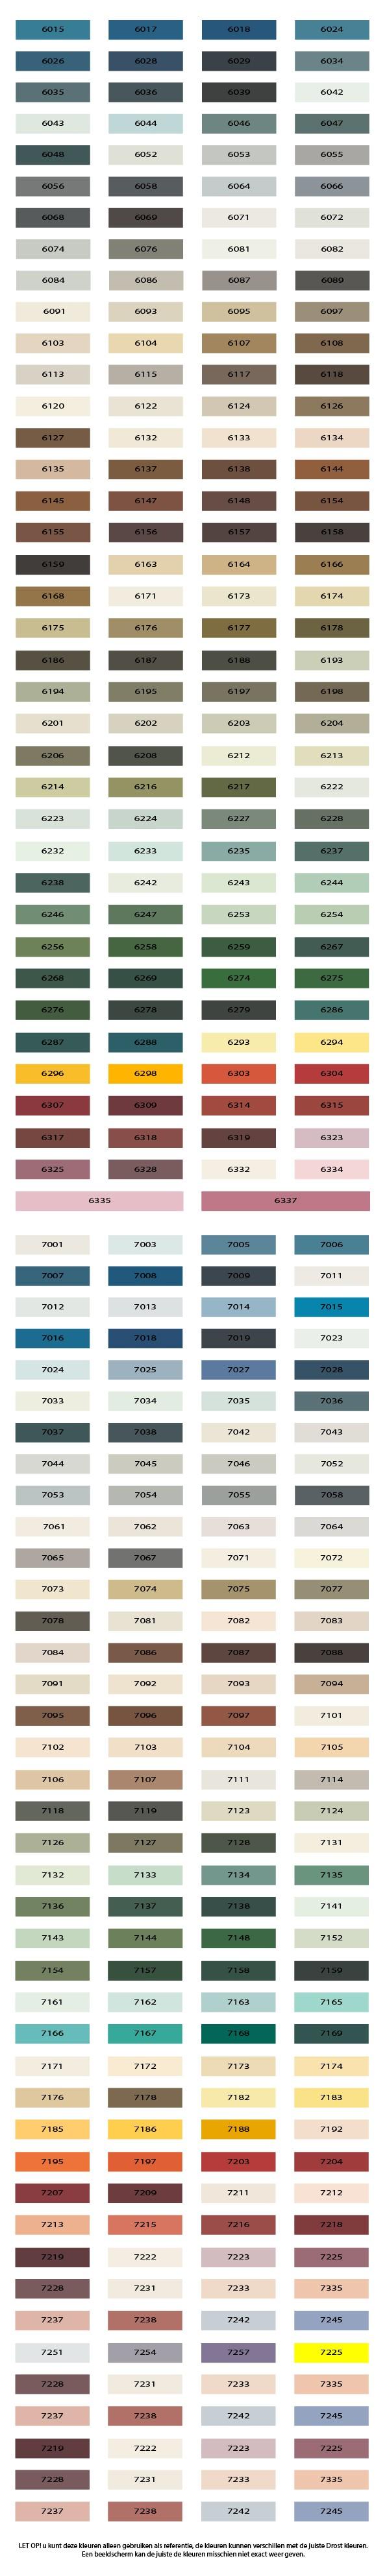 Drost kleurencollectie kleuren, kleurenwaaier (buitenverf).jpg